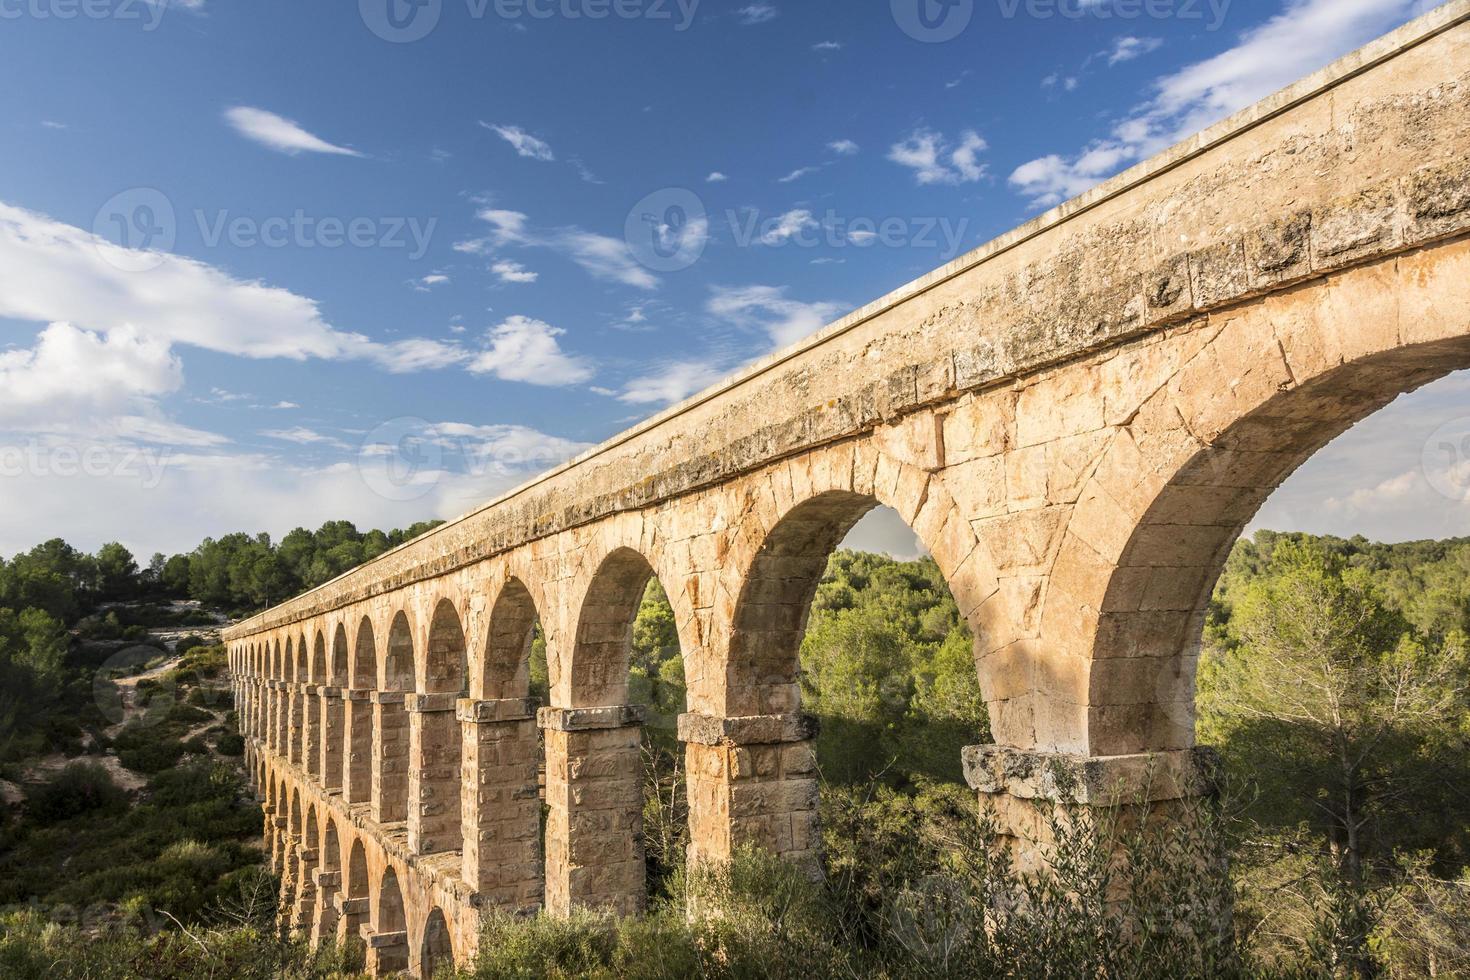 aqueduto romano pont del diable em tarragona foto